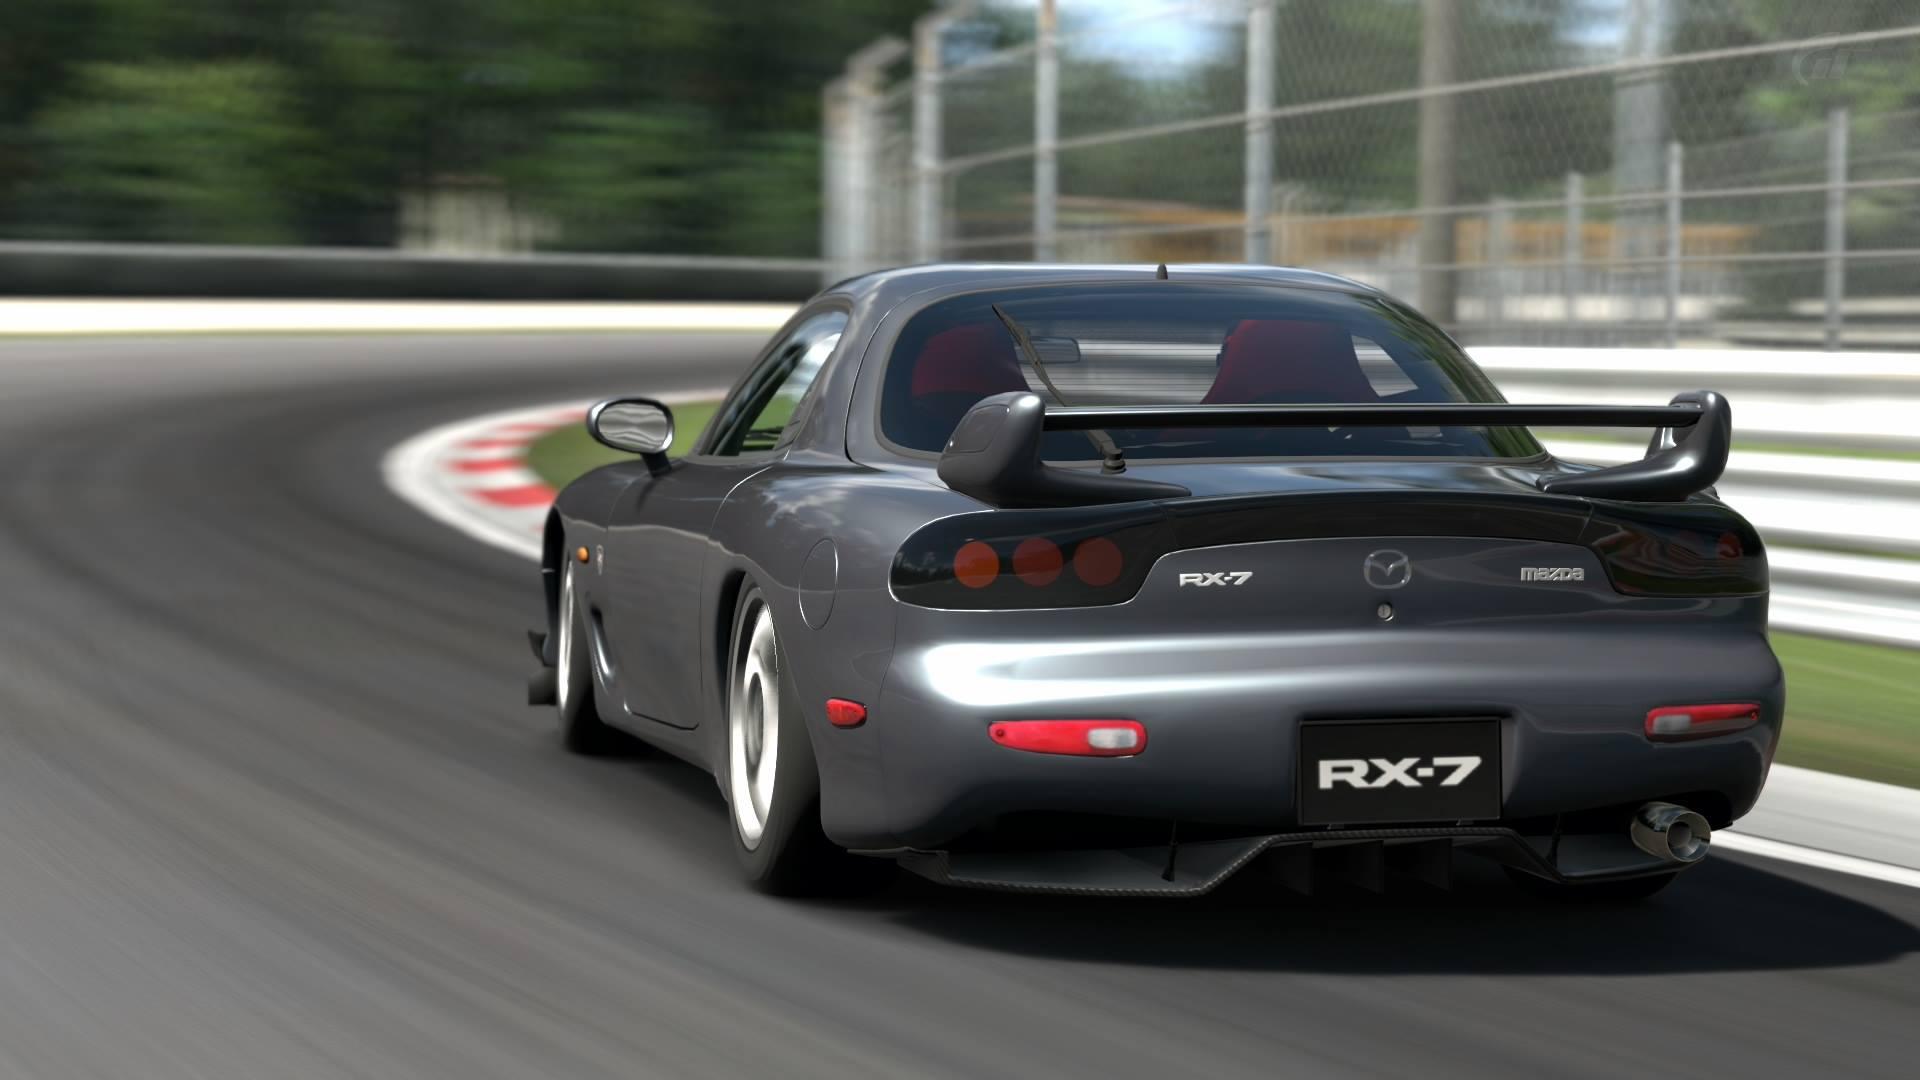 GT6MCR Autodromo Nazionale de Monza 80 2 bat 02082014 3.jpg